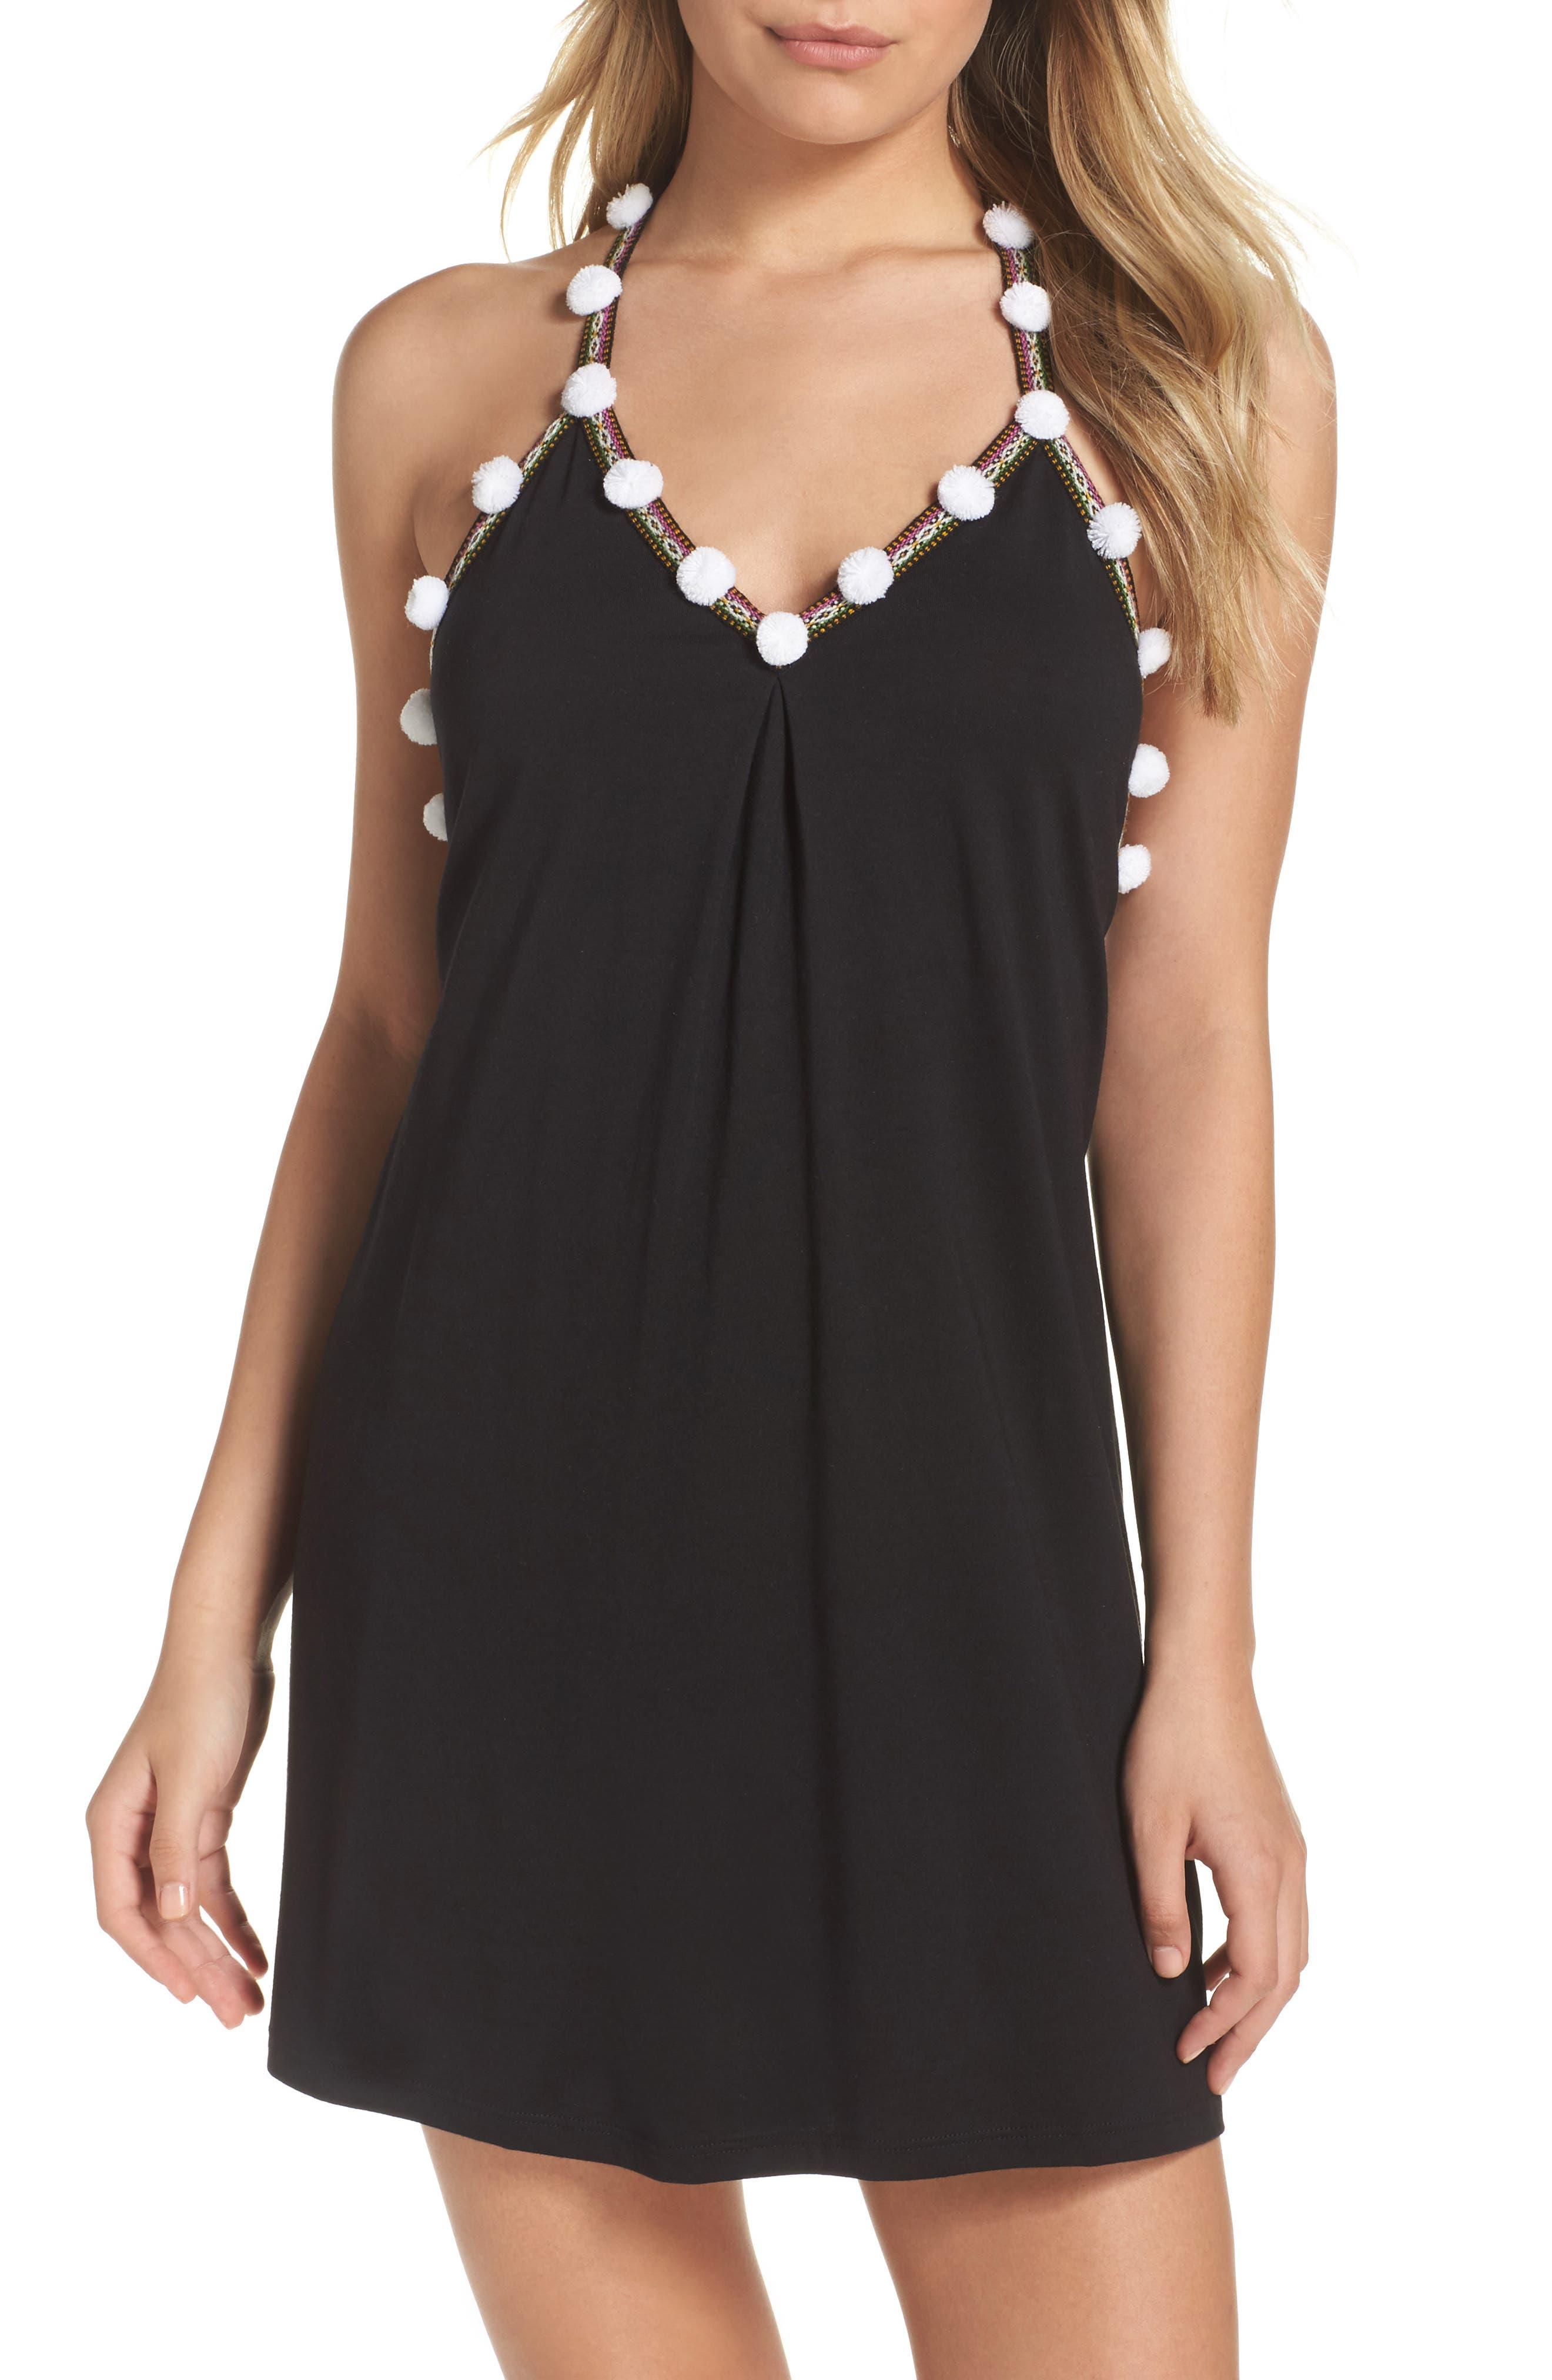 PITUSA Pom Pom Cover-Up Dress